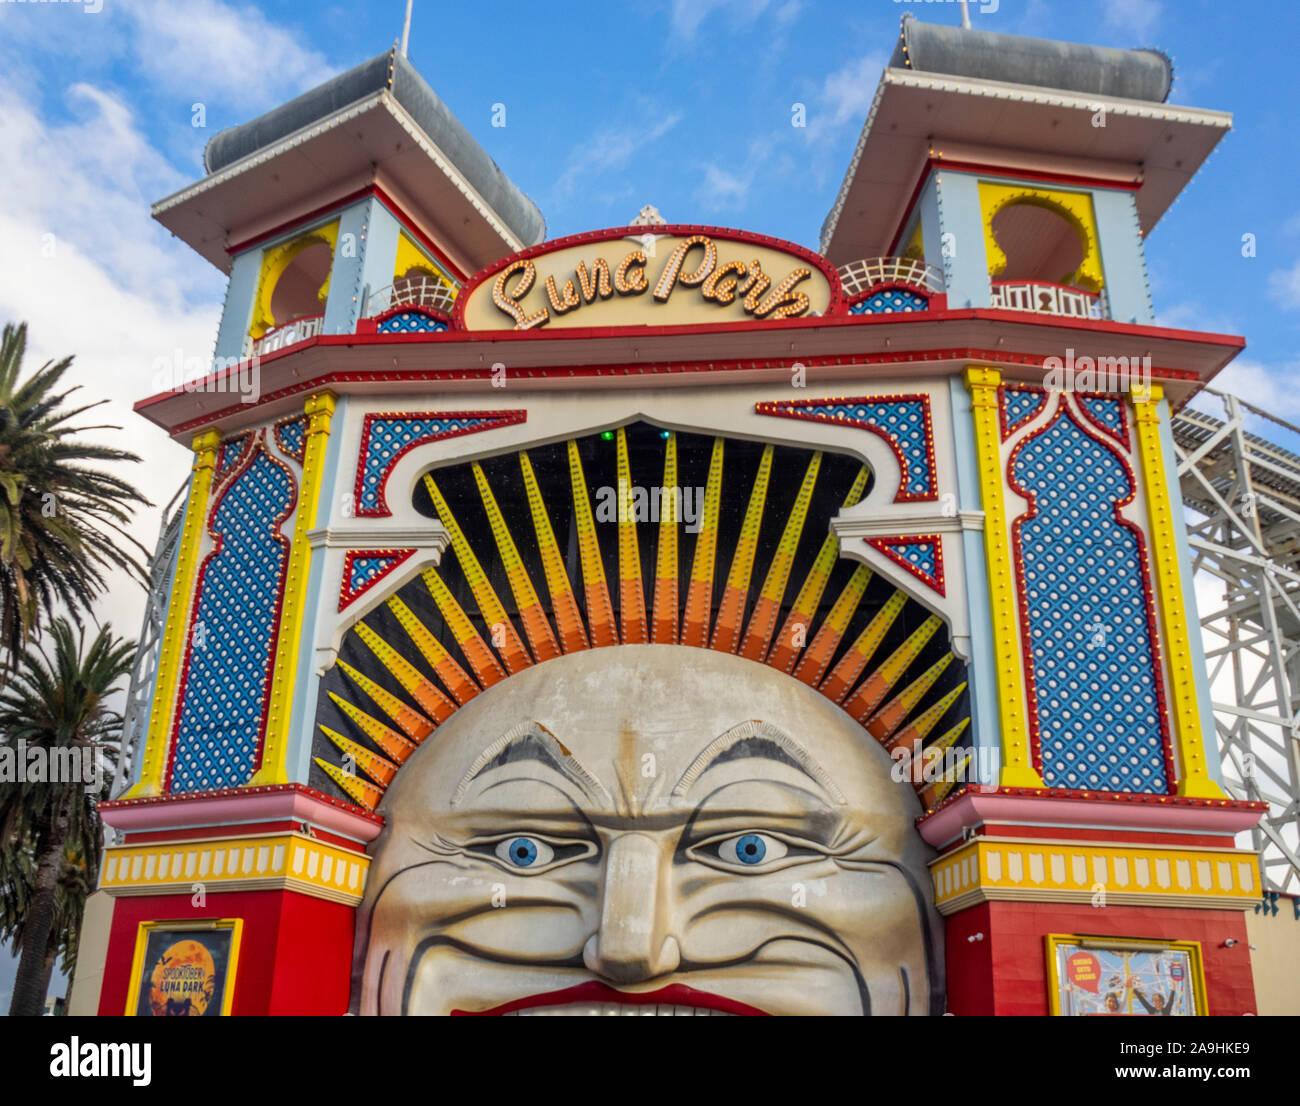 Monsieur Lune visage iconique entrée de Luna Park parc d'expositions à St Kilda Melbourne Victoria en Australie. Banque D'Images